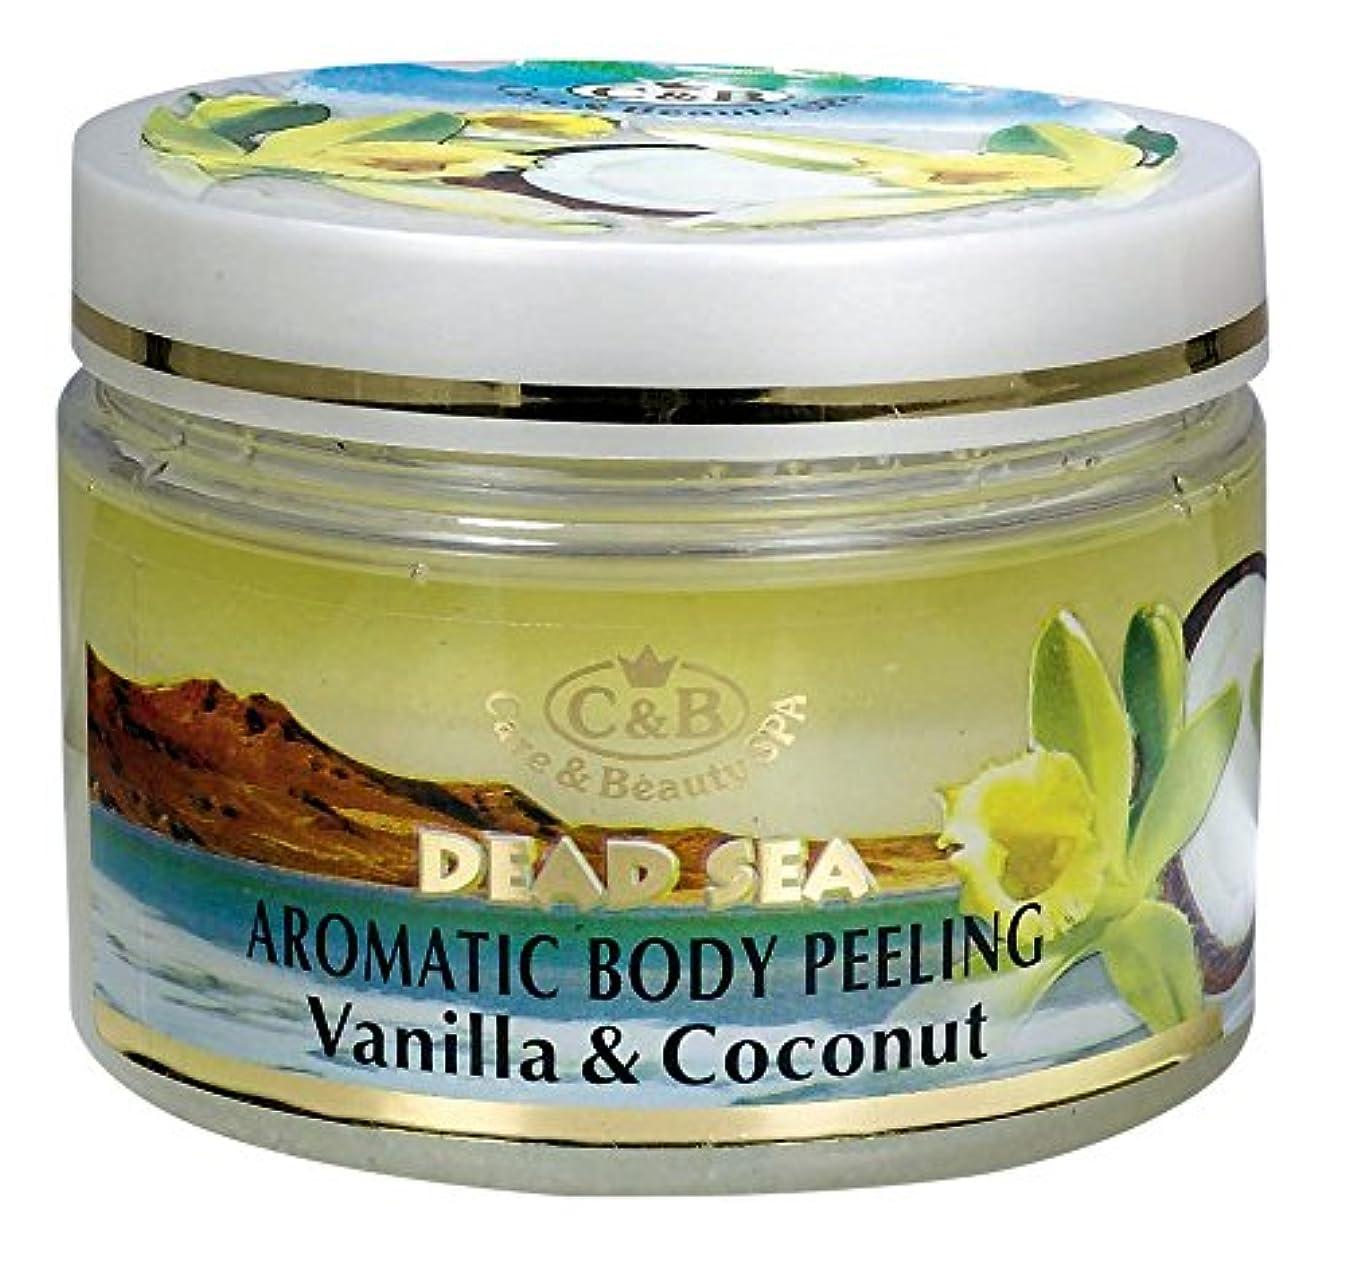 比類のないエキス新着バニラ-ココナッツの香りの全身用剥がし 350mL 死海ミネラル Vanilla - Coconut Aromatic Body Peeling